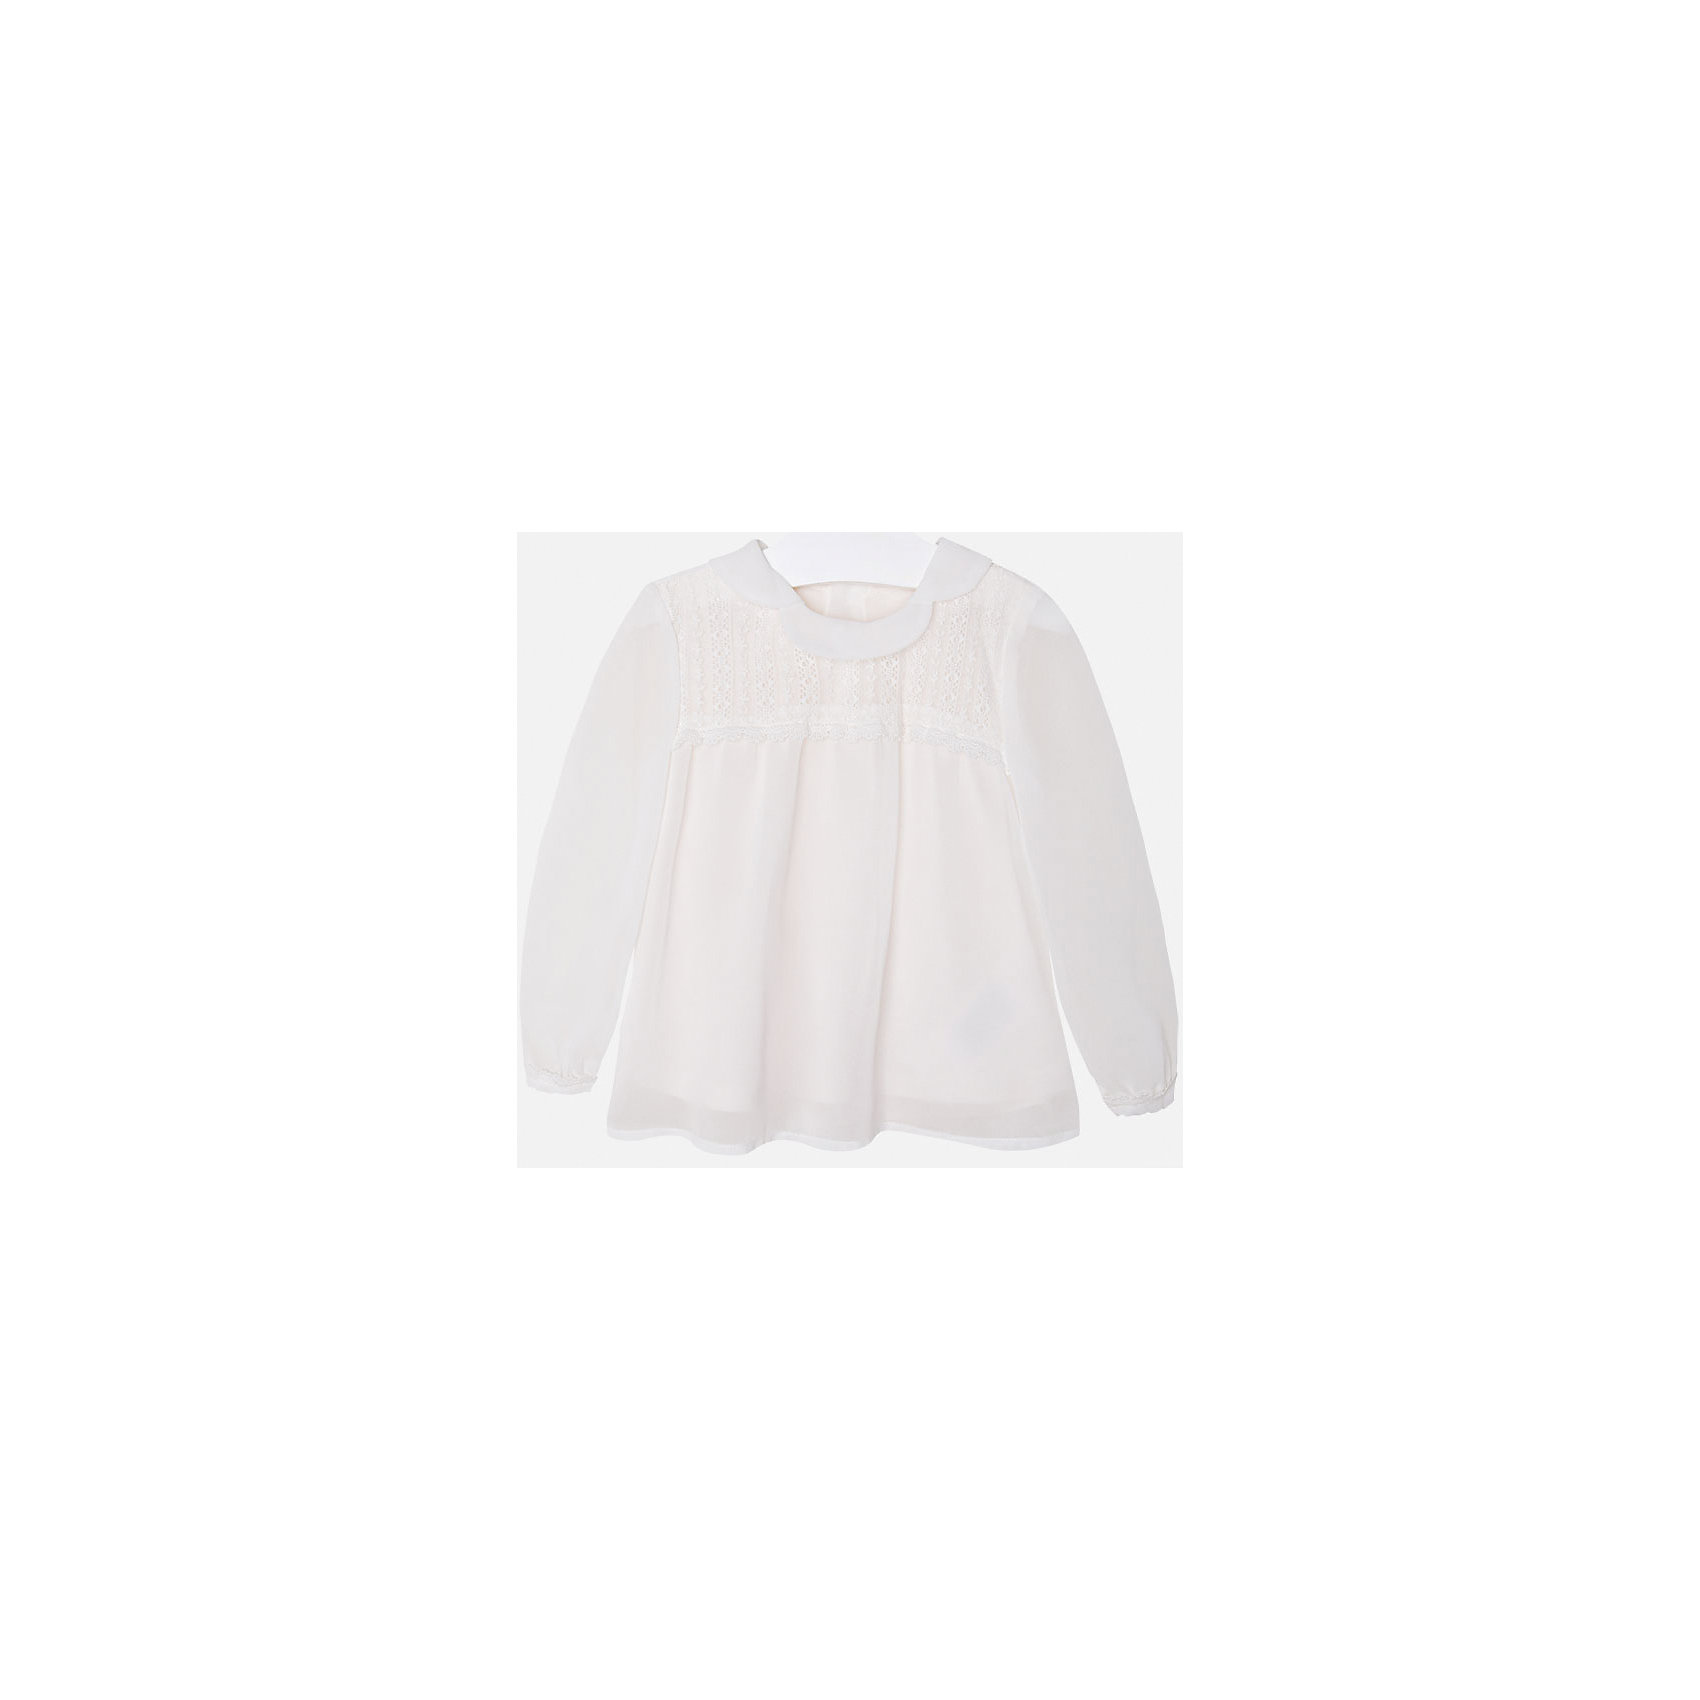 Блузка для девочки MayoralНарядная кремовая блузка для девочки торговой марки    Майорал -Mayoral<br>Блуза кремового цвета, свободного кроя, с красивыотложным воротничком. Будет прекрасным дополнением для нарядного образа Вашей девочки.<br><br>Дополнительная инфориация:<br><br>- вид застежки: пуговицы<br>- длина рукава: длинные<br>- фактура материала: текстильный<br>- длина изделия: по спинке: 48 см<br>- покрой: прямой<br>- состав:100% полиэстер; подкладка: 100% хлопок<br>- уход за вещами: бережная стирка при 30 градусах<br>- рисунок: без рисунка<br>- назначение: повседневная<br>- сезон: круглогодичный<br>- пол: девочки<br>- страна бренда: Испания<br>- страна производитель:  Индия<br>- комплектация: блузка<br><br>Блуза для девочки  торговой марки    Майорал можно купить в нашем интернет магазине<br><br>Ширина мм: 186<br>Глубина мм: 87<br>Высота мм: 198<br>Вес г: 197<br>Цвет: бежевый<br>Возраст от месяцев: 24<br>Возраст до месяцев: 36<br>Пол: Женский<br>Возраст: Детский<br>Размер: 98,110,134,122,128,116,104<br>SKU: 4846536